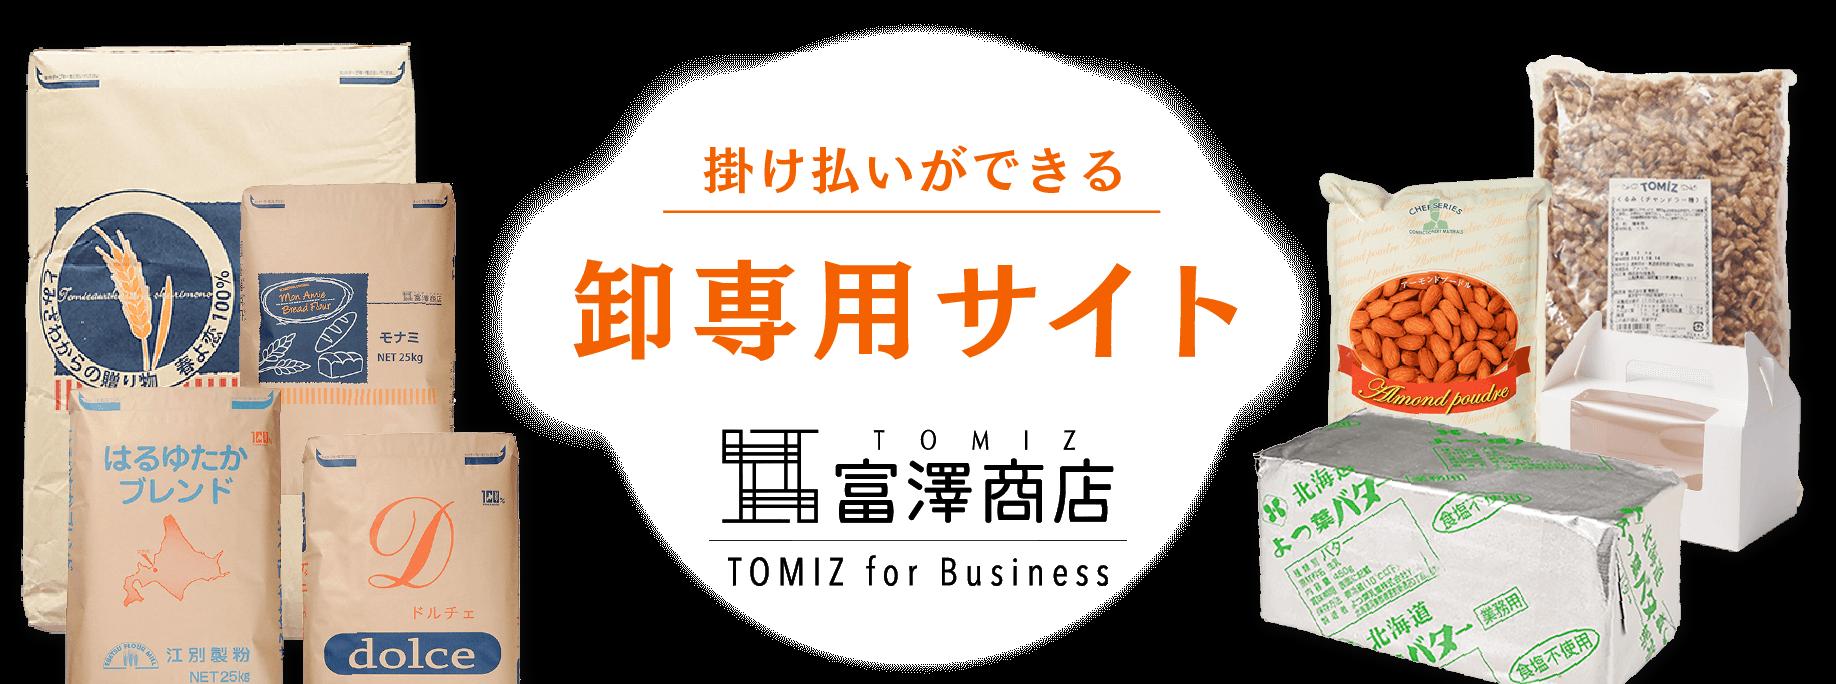 掛け払いができる卸専用サイト、TOMIZ for Business